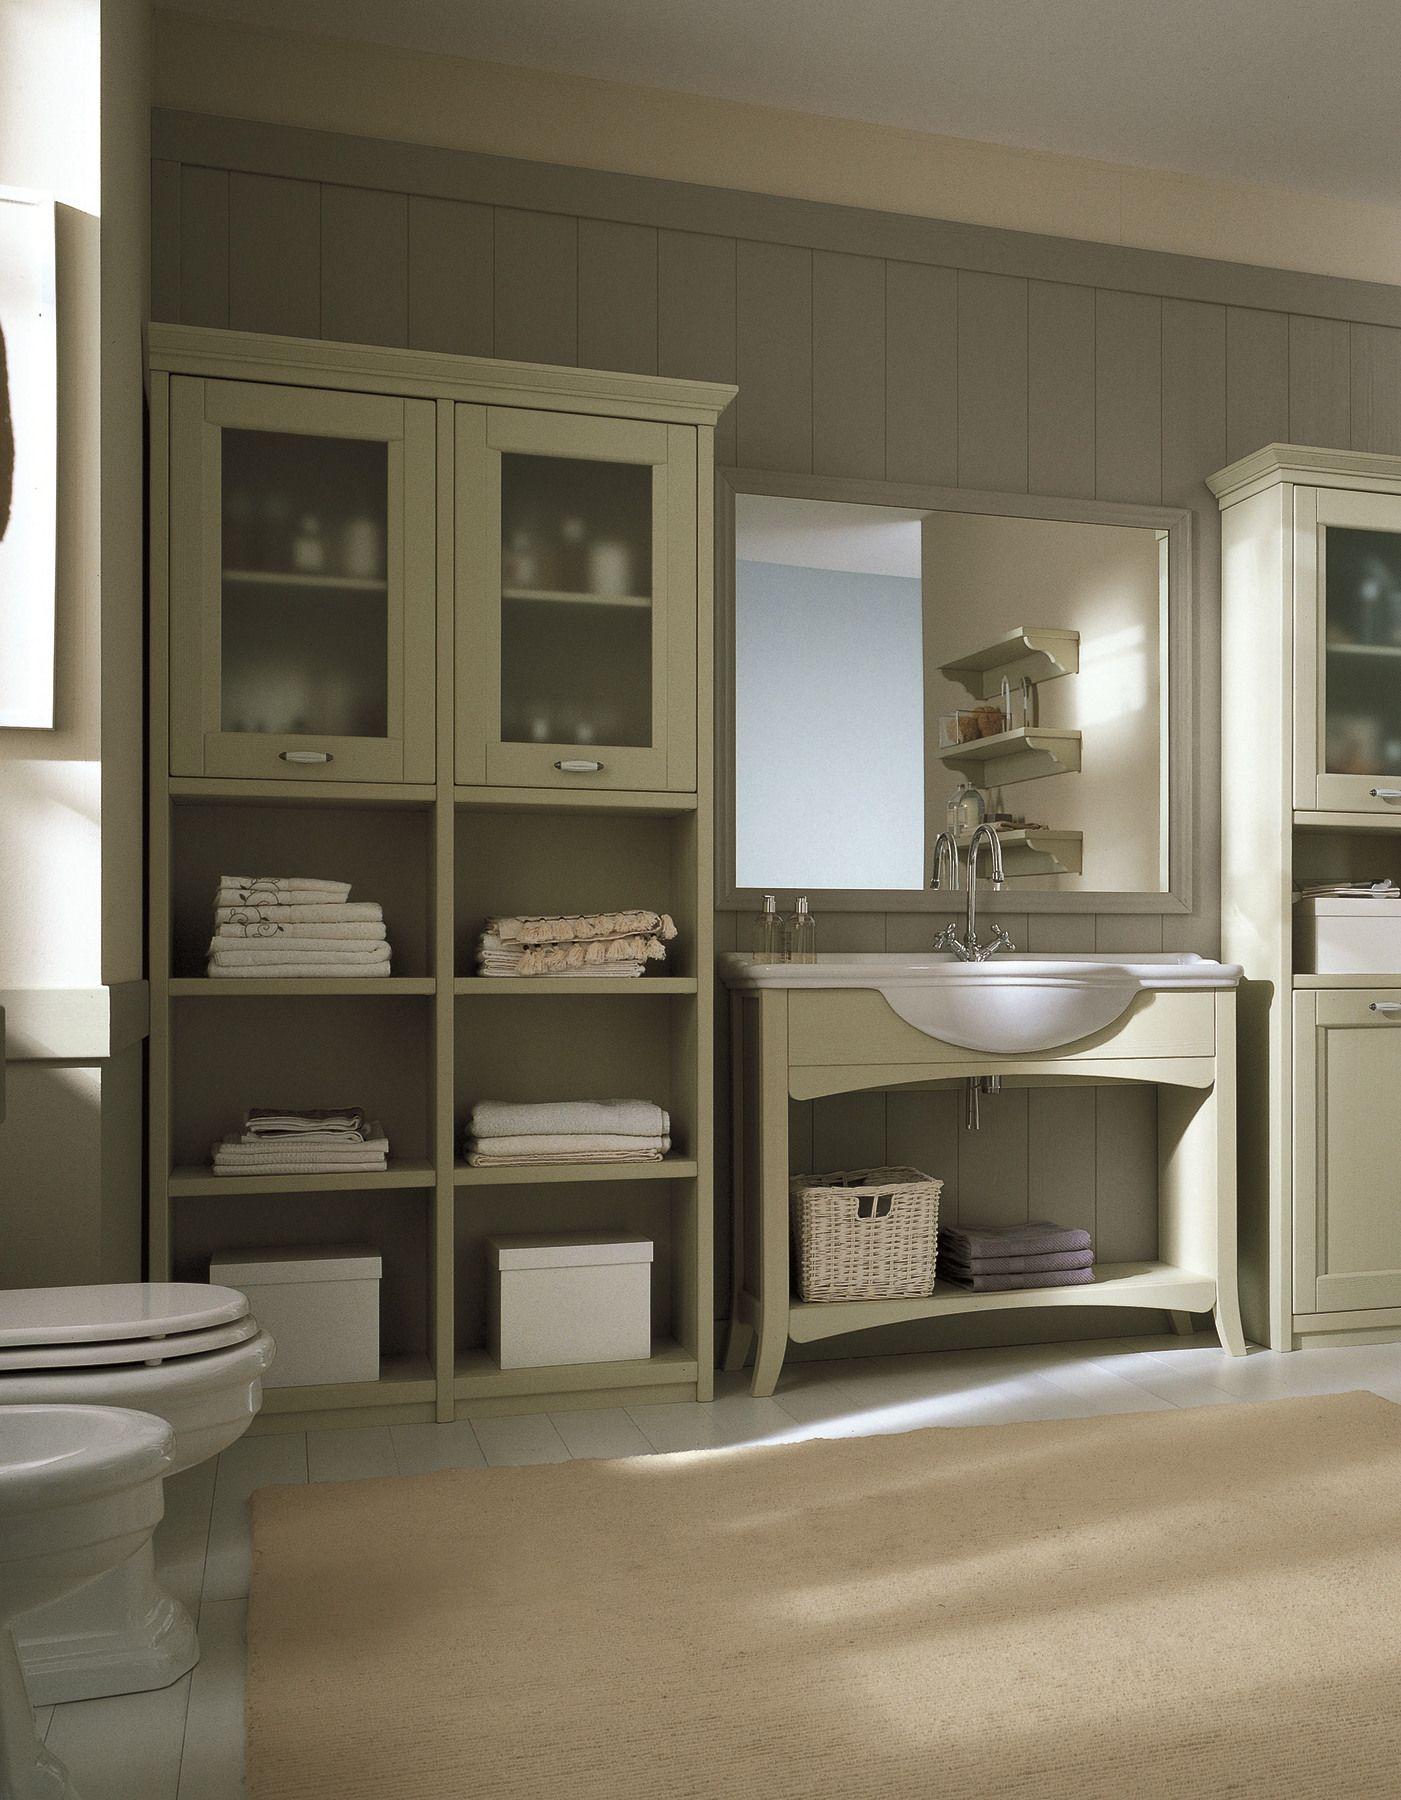 Arredo bagno completo in legno massello nuovo mondo n18 by - Mobili bagno in legno ...